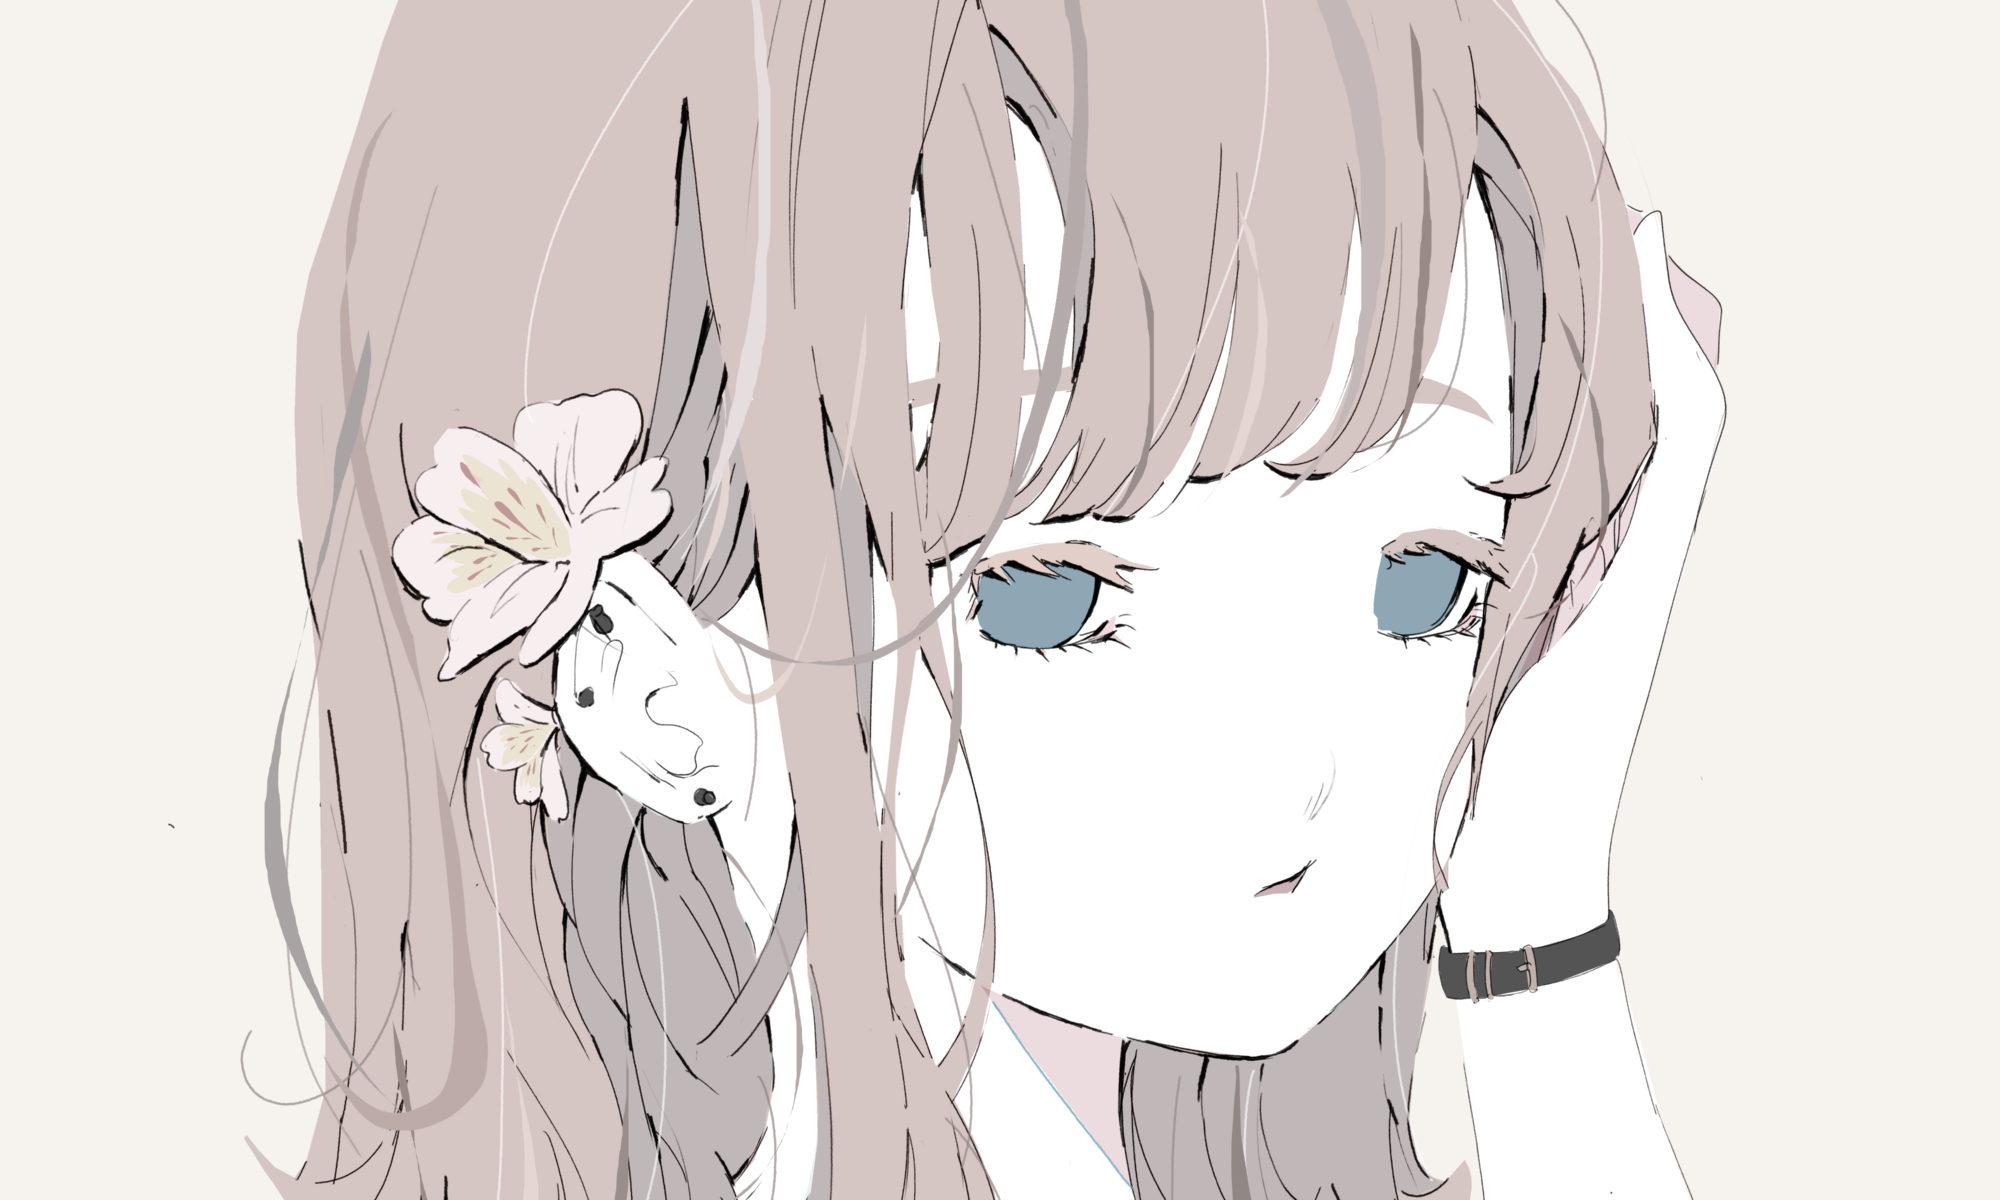 アルストロメリアのピアスをしている女の子のイラスト